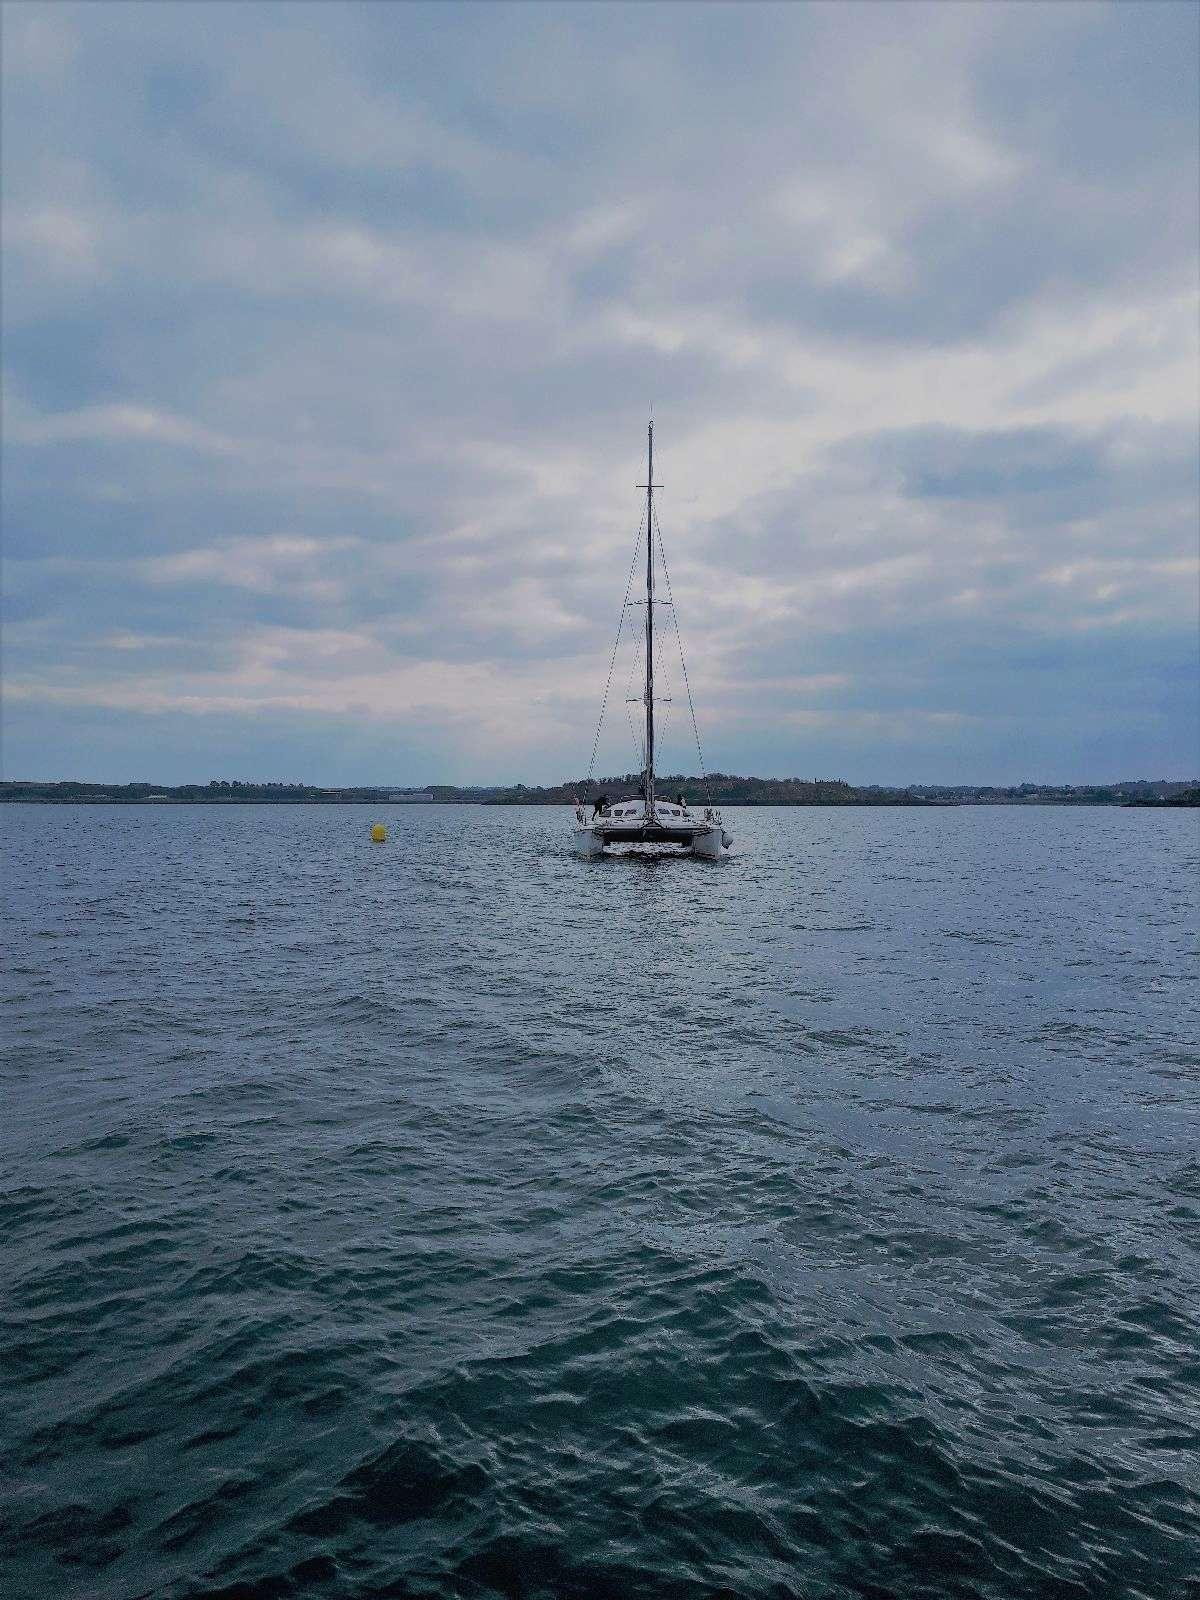 [ Marine à voile ] Catamaran Virginie Hériot voilier de l'Ecole Navale 217